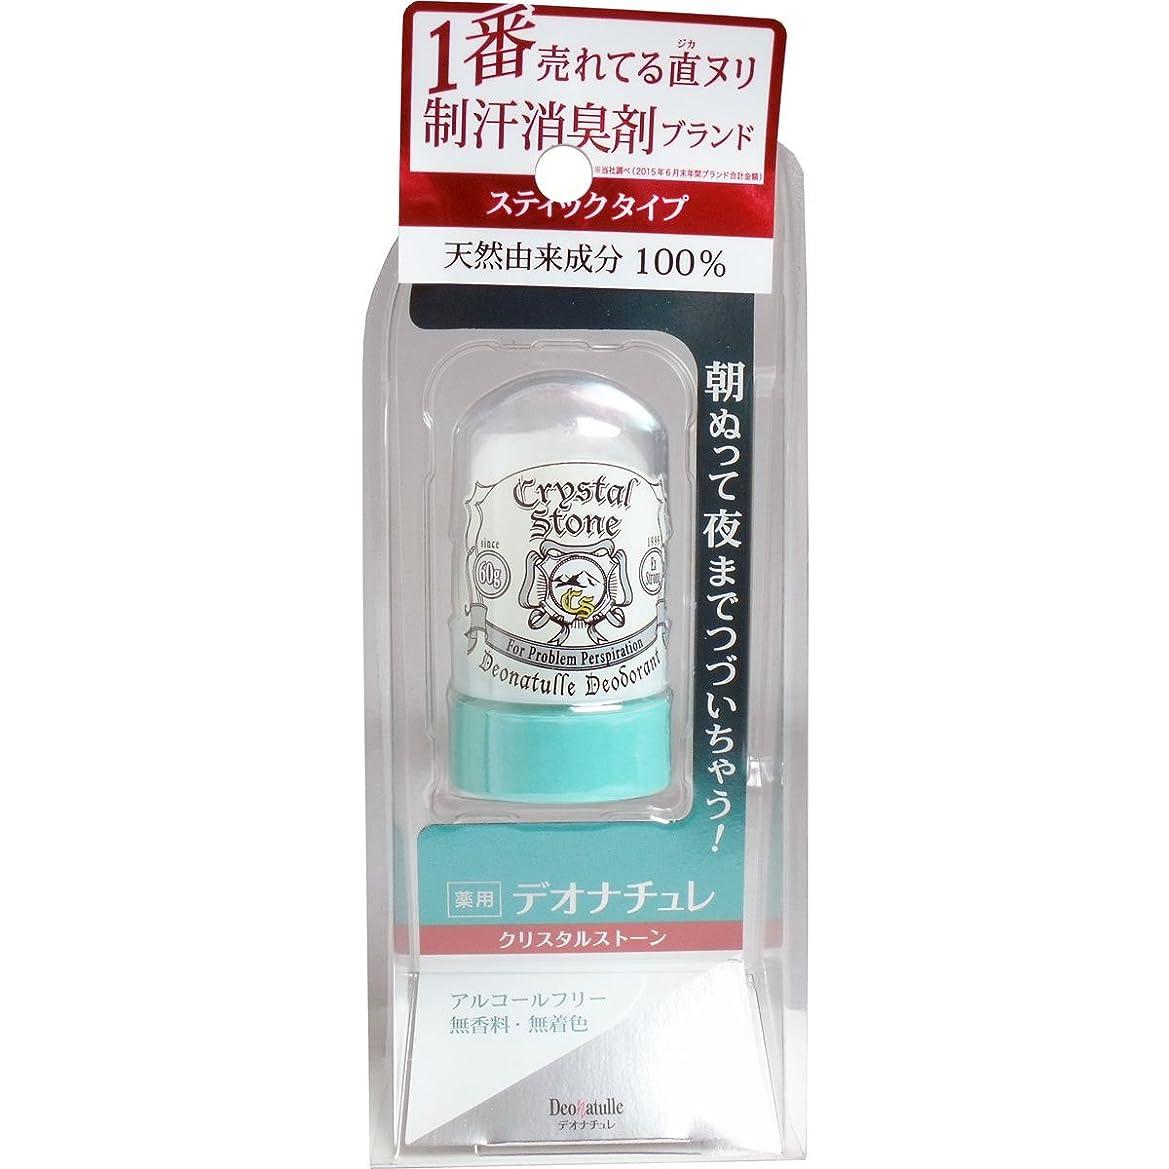 締める鮫いつデオナチュレ クリスタルストーン 60g(医薬部外品)